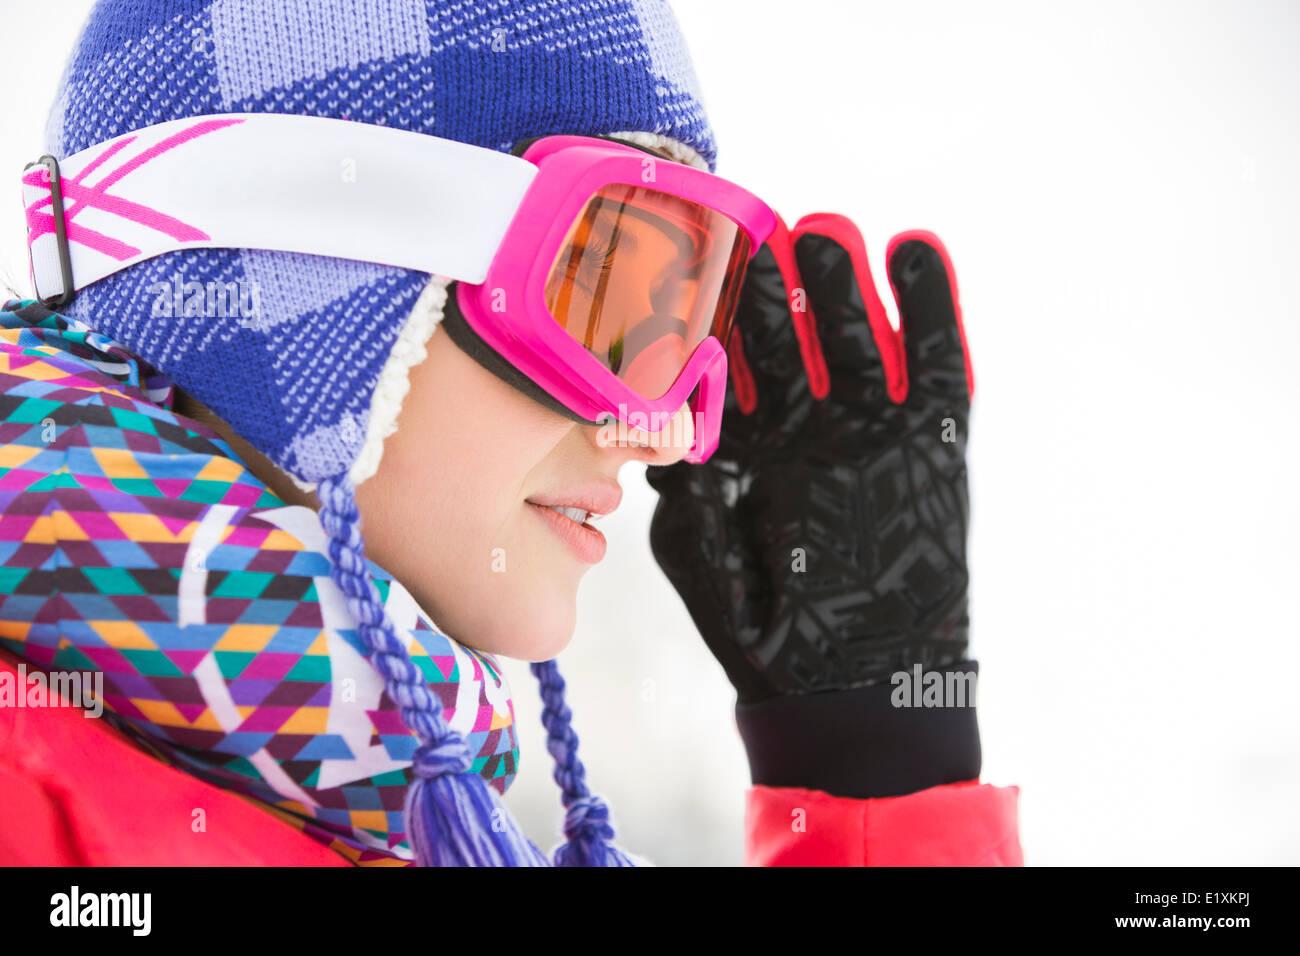 Seite Ansicht Nahaufnahme von schöne junge Frau in Ski goggles wegschauen Stockbild